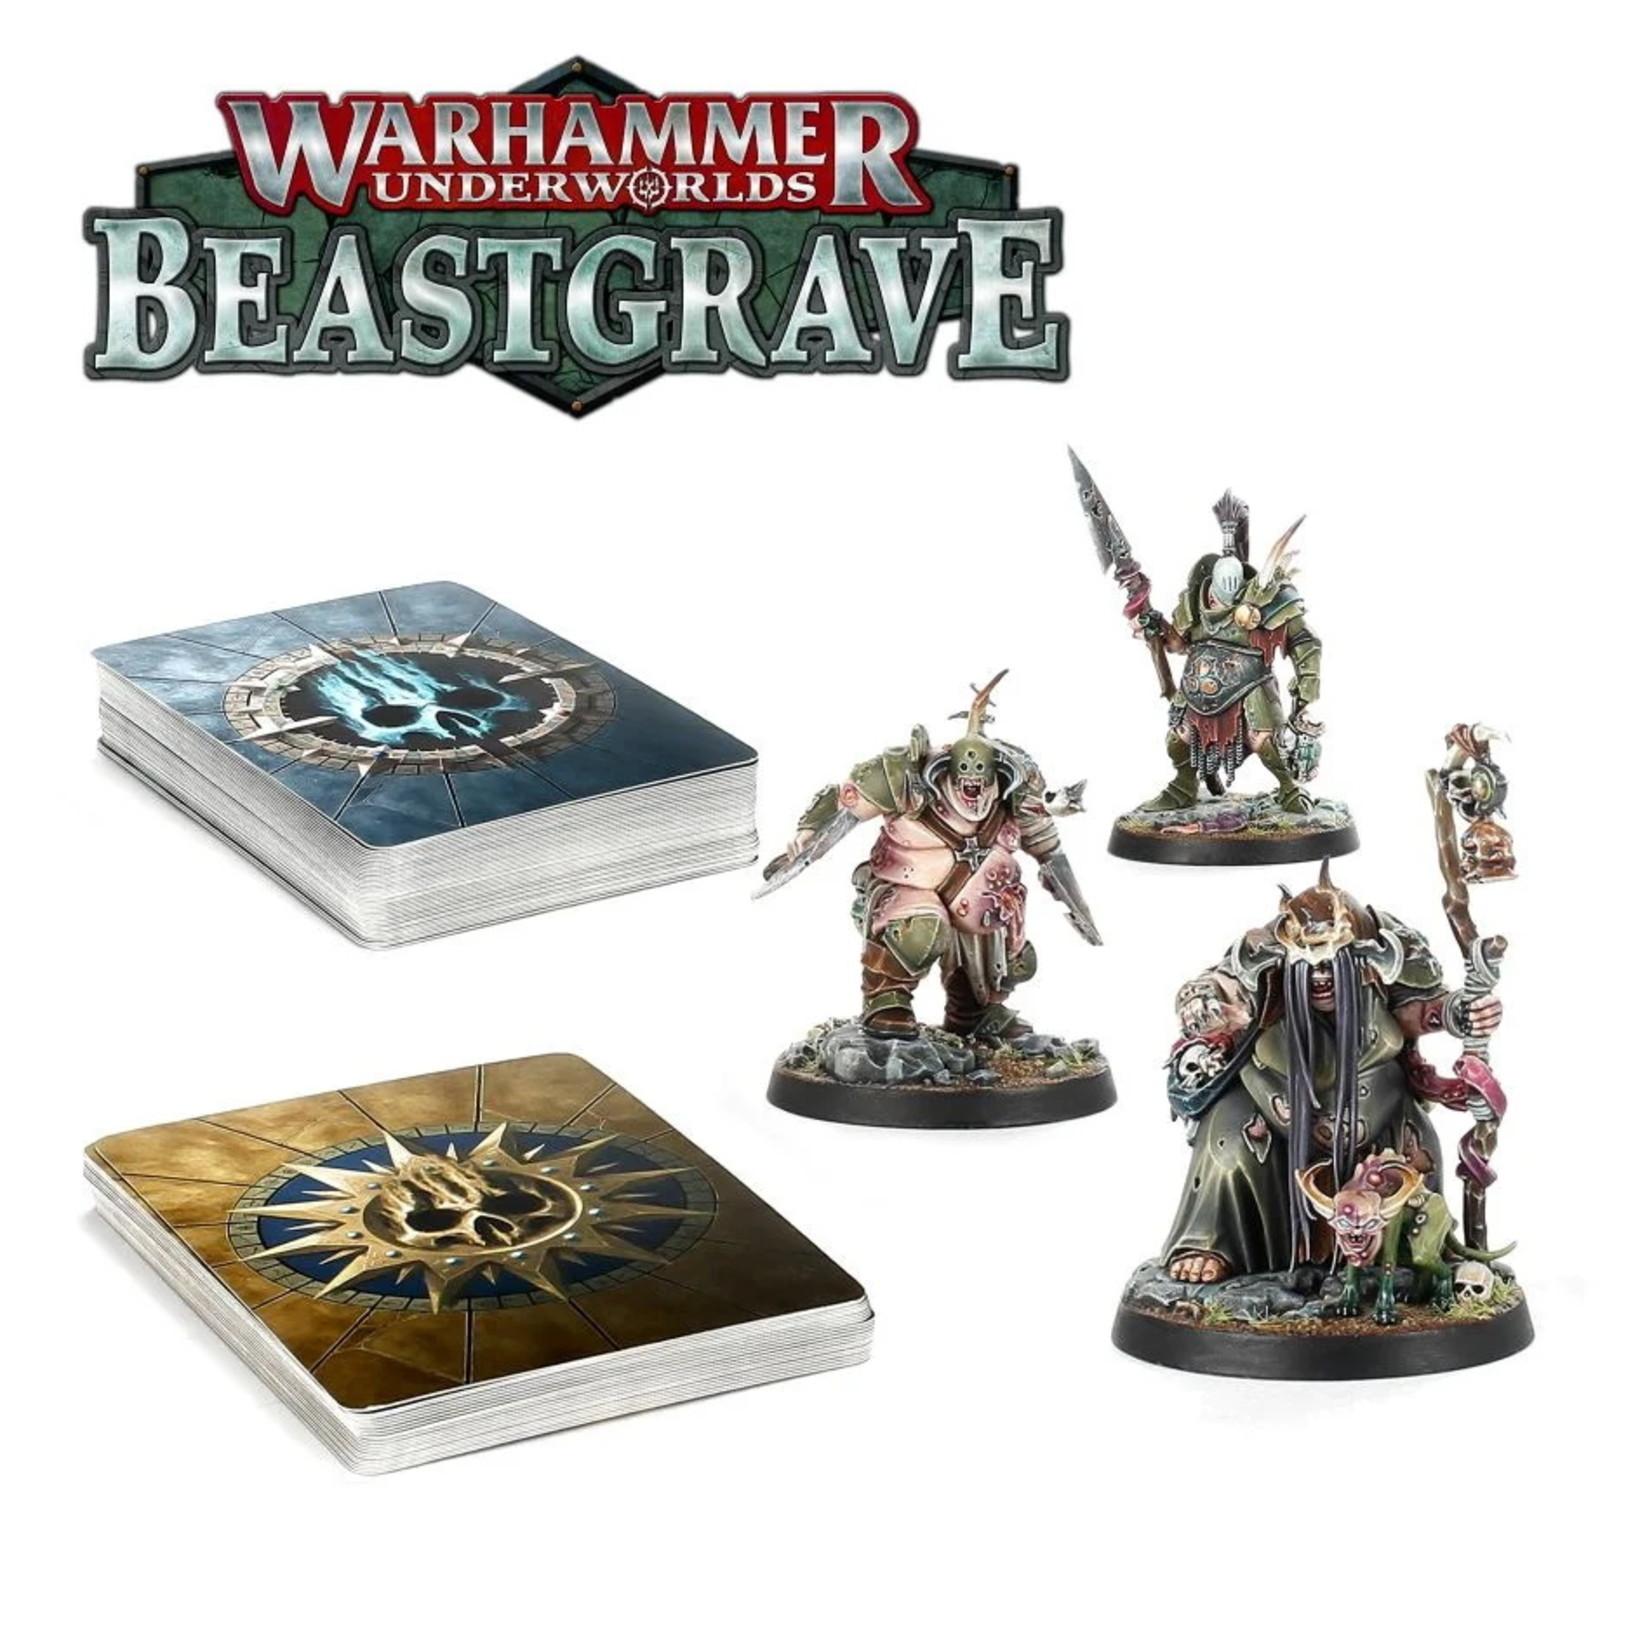 Games Workshop Warhammer Underworlds: Beastgrave – The Wurmspat